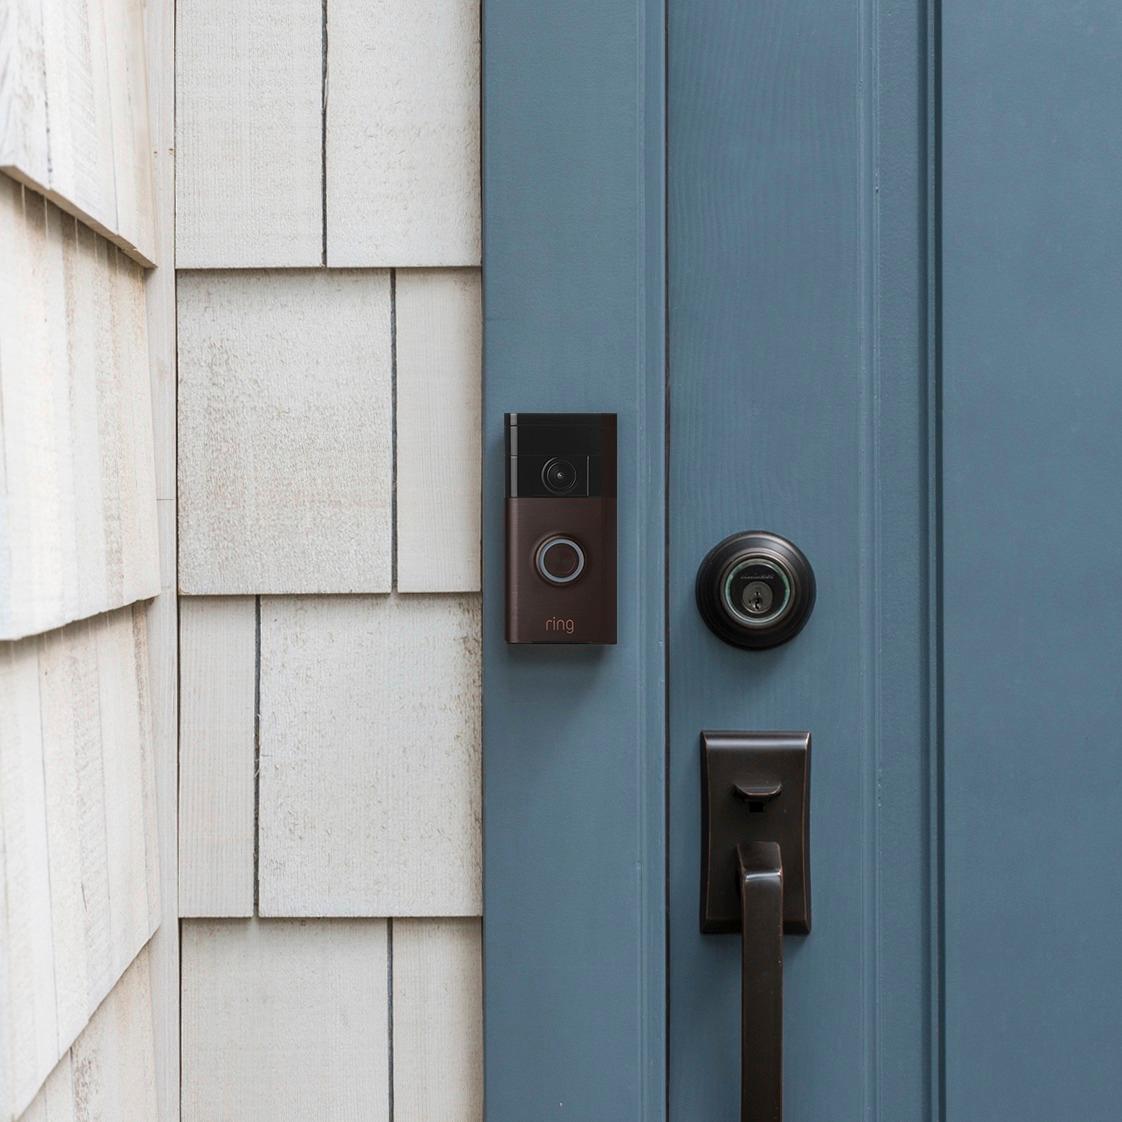 Ring Doorbell.jpg